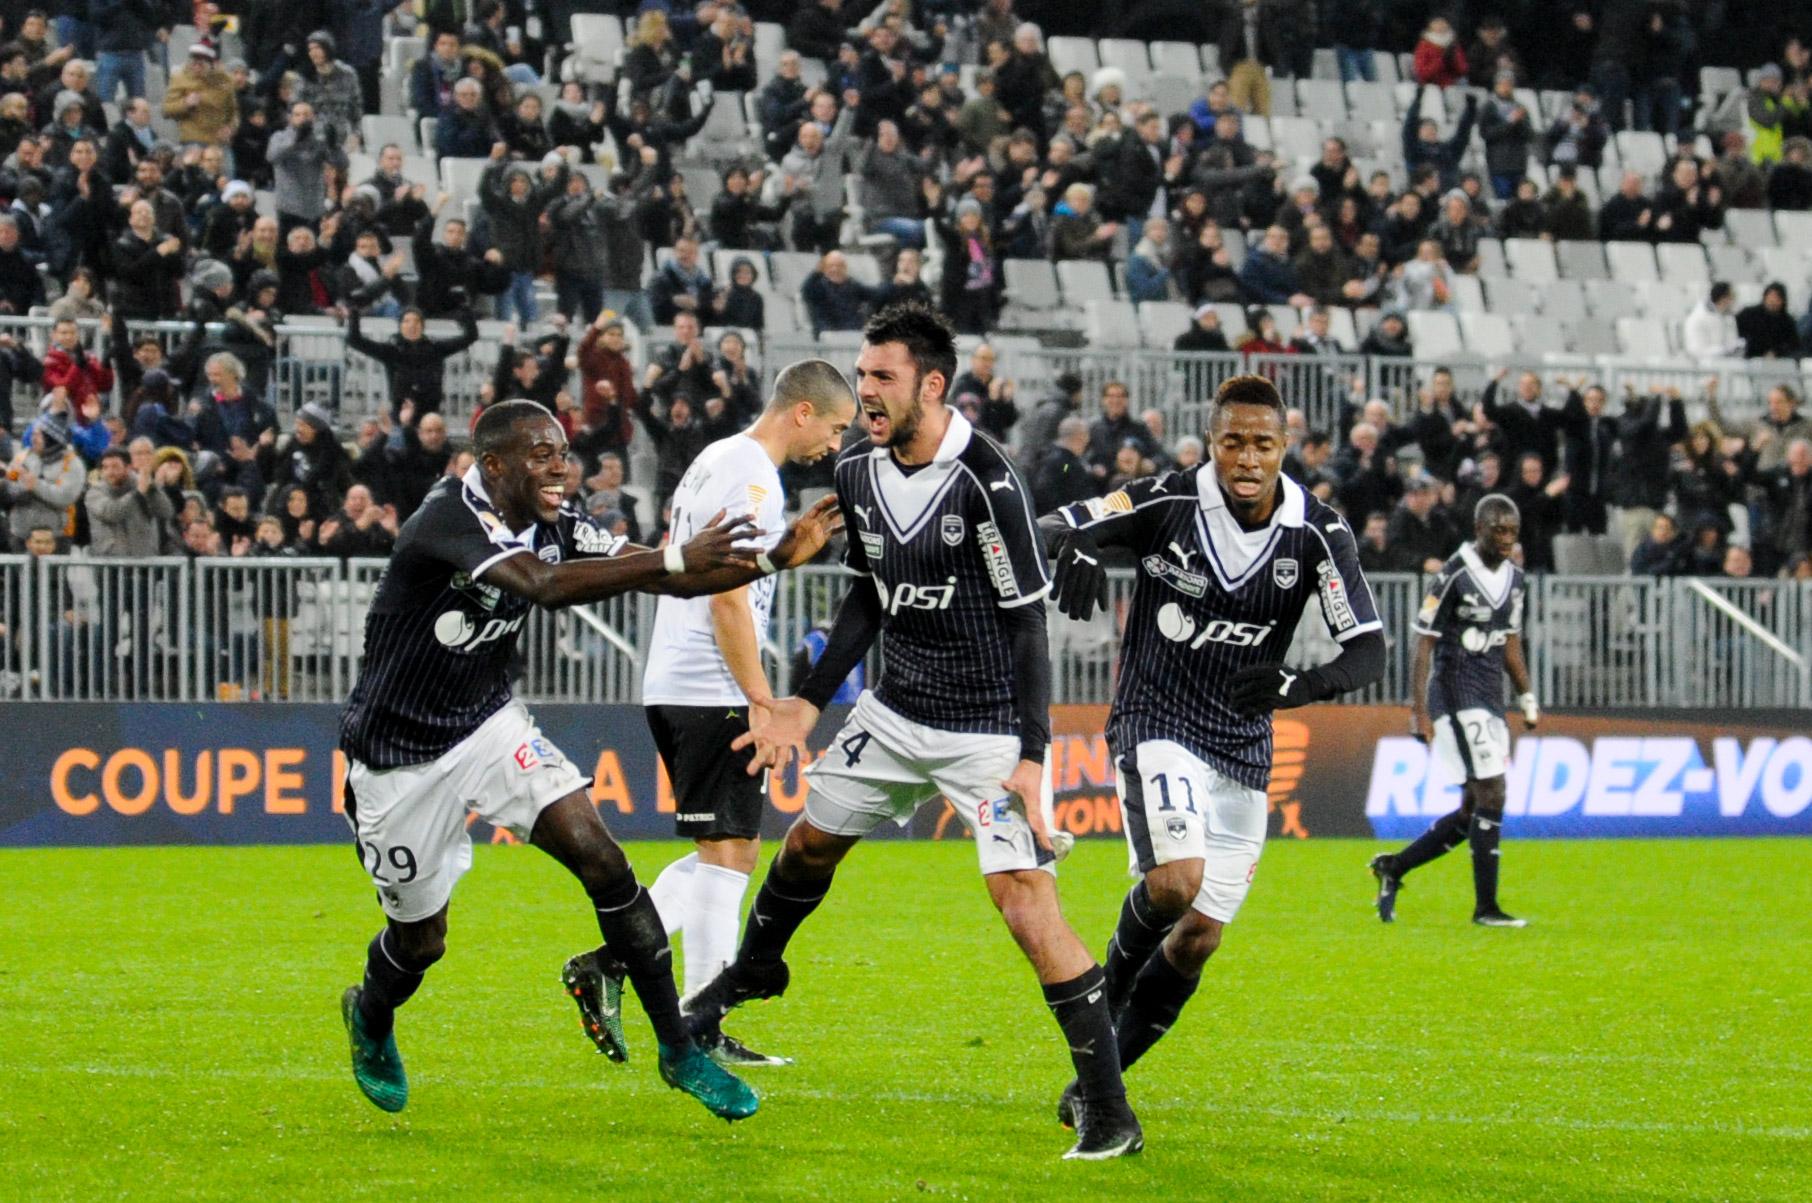 Football - Coupe de France - Bordeaux-Lorient : De nouvelles ambitions pour les Girondins ?